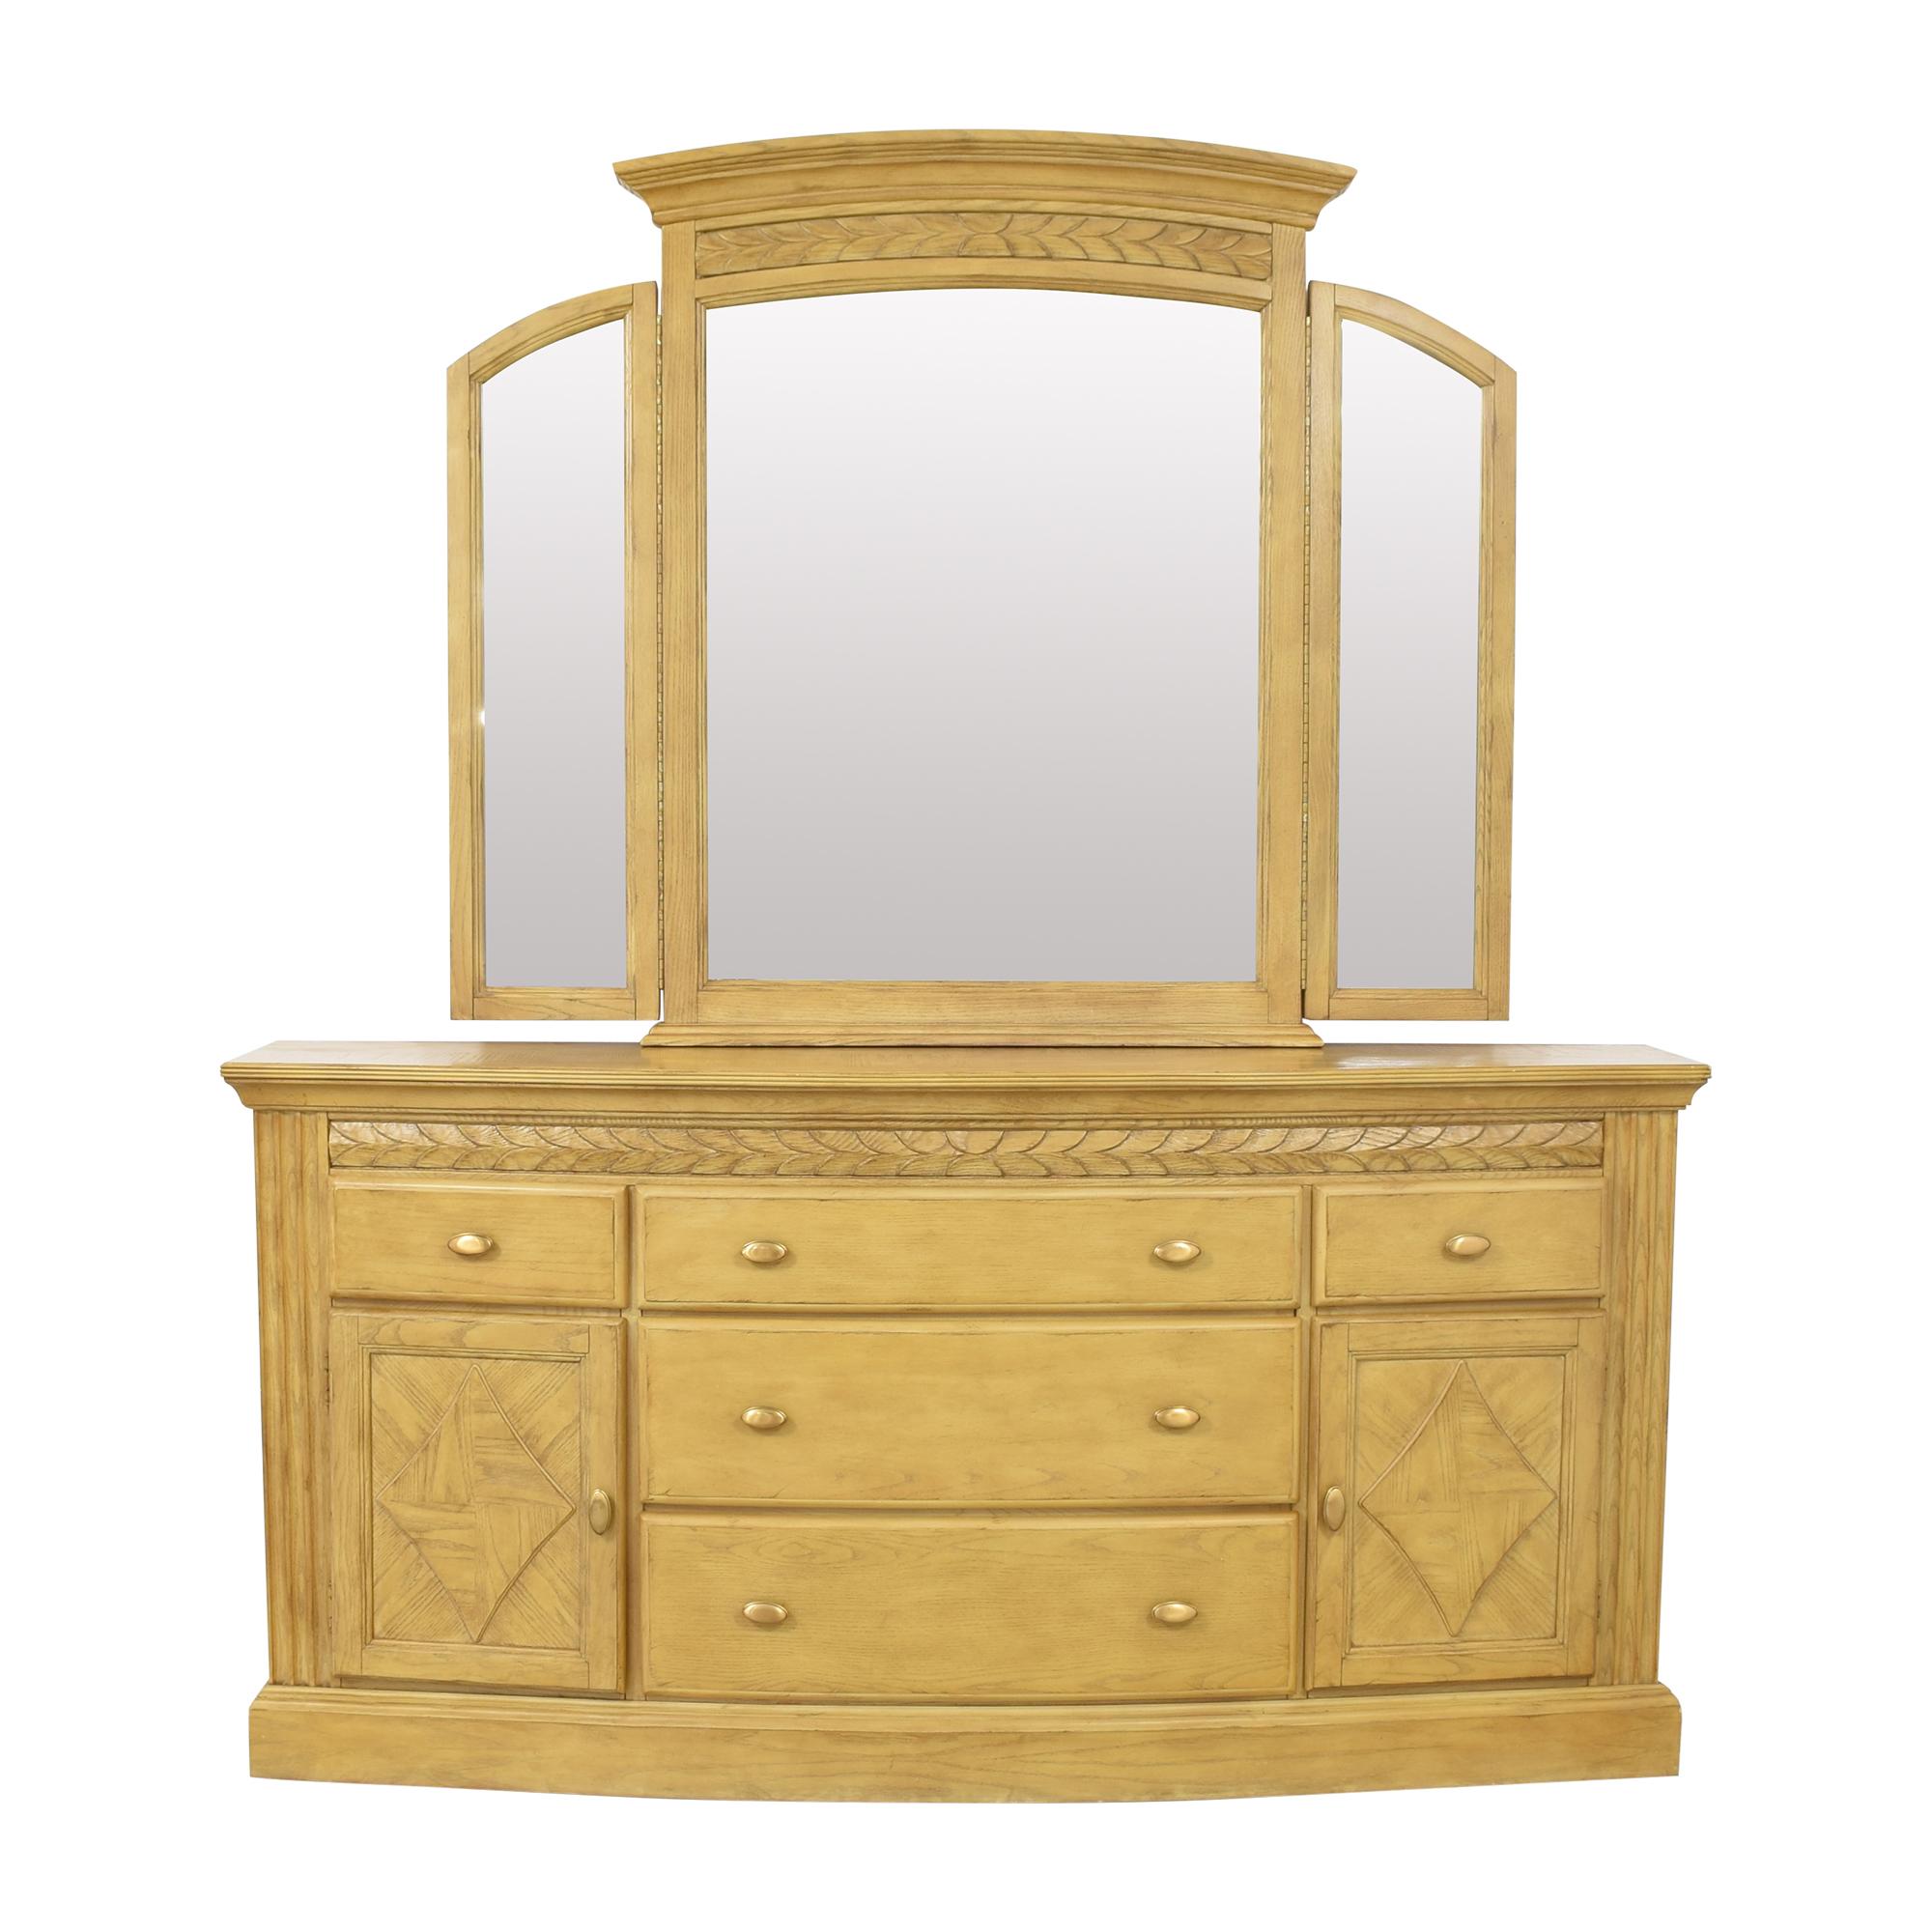 Fairmont Designs Fairmont Designs Triple Dresser with Mirror pa